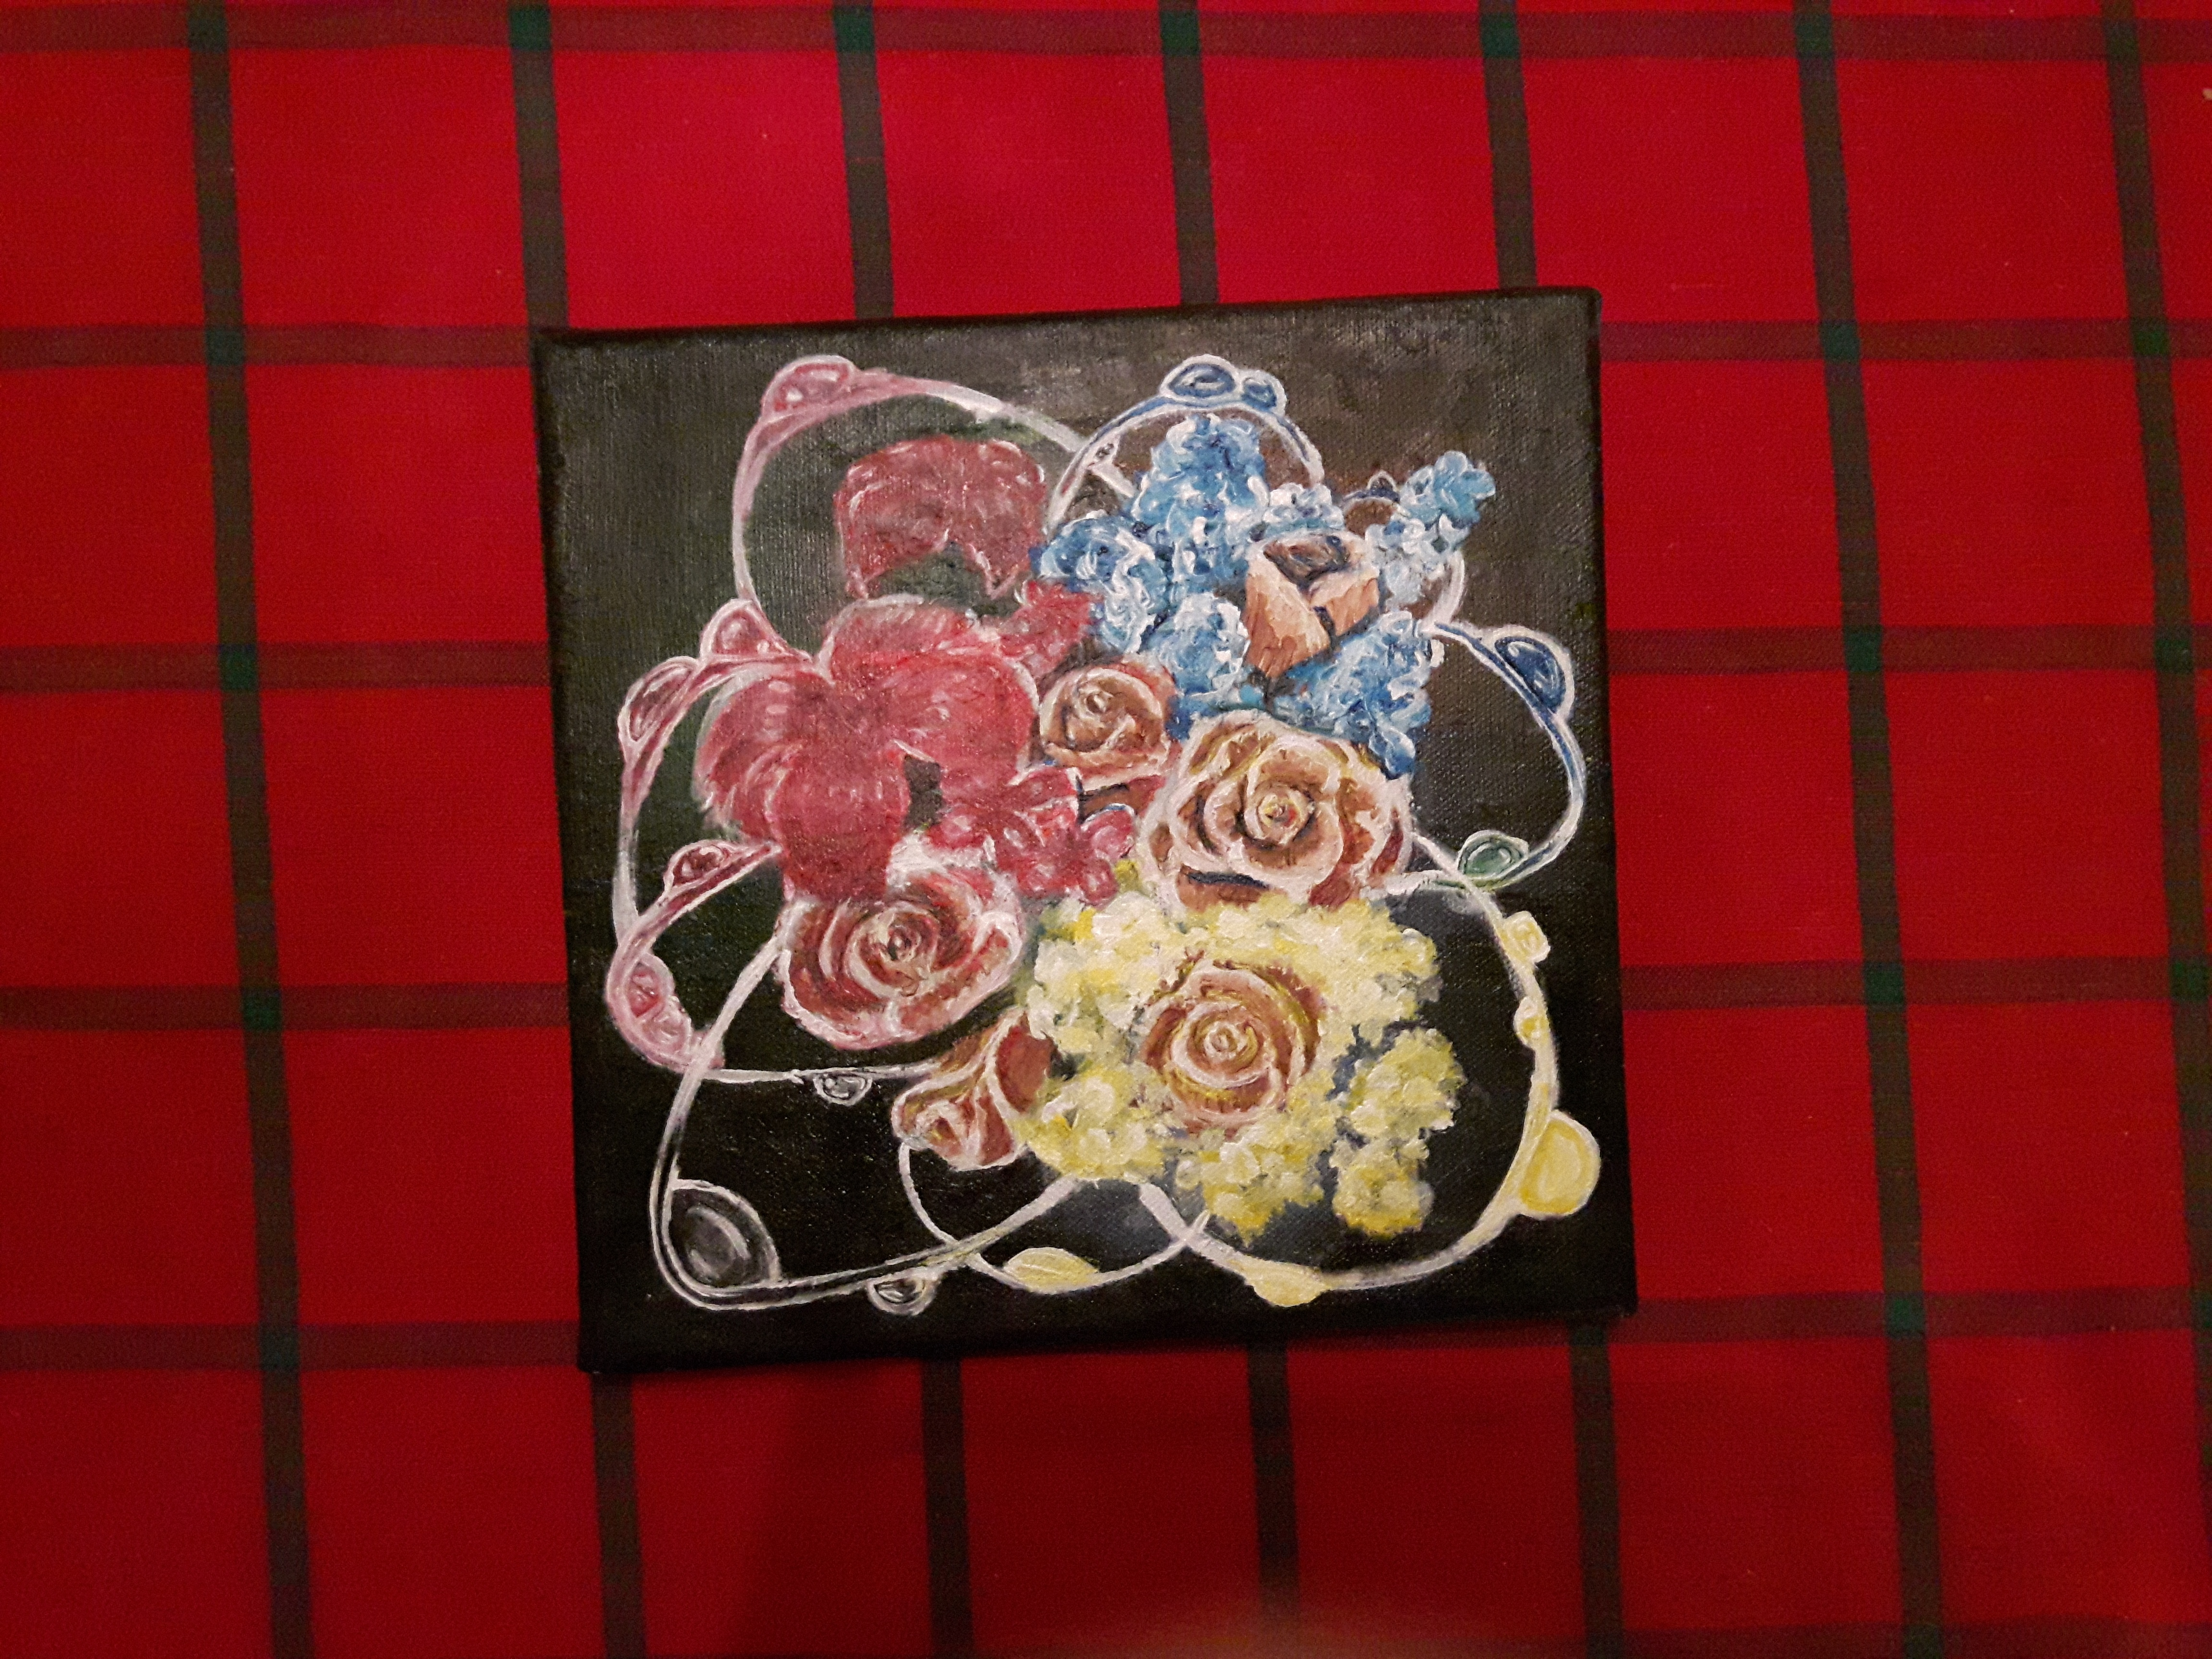 A bouquet of colors